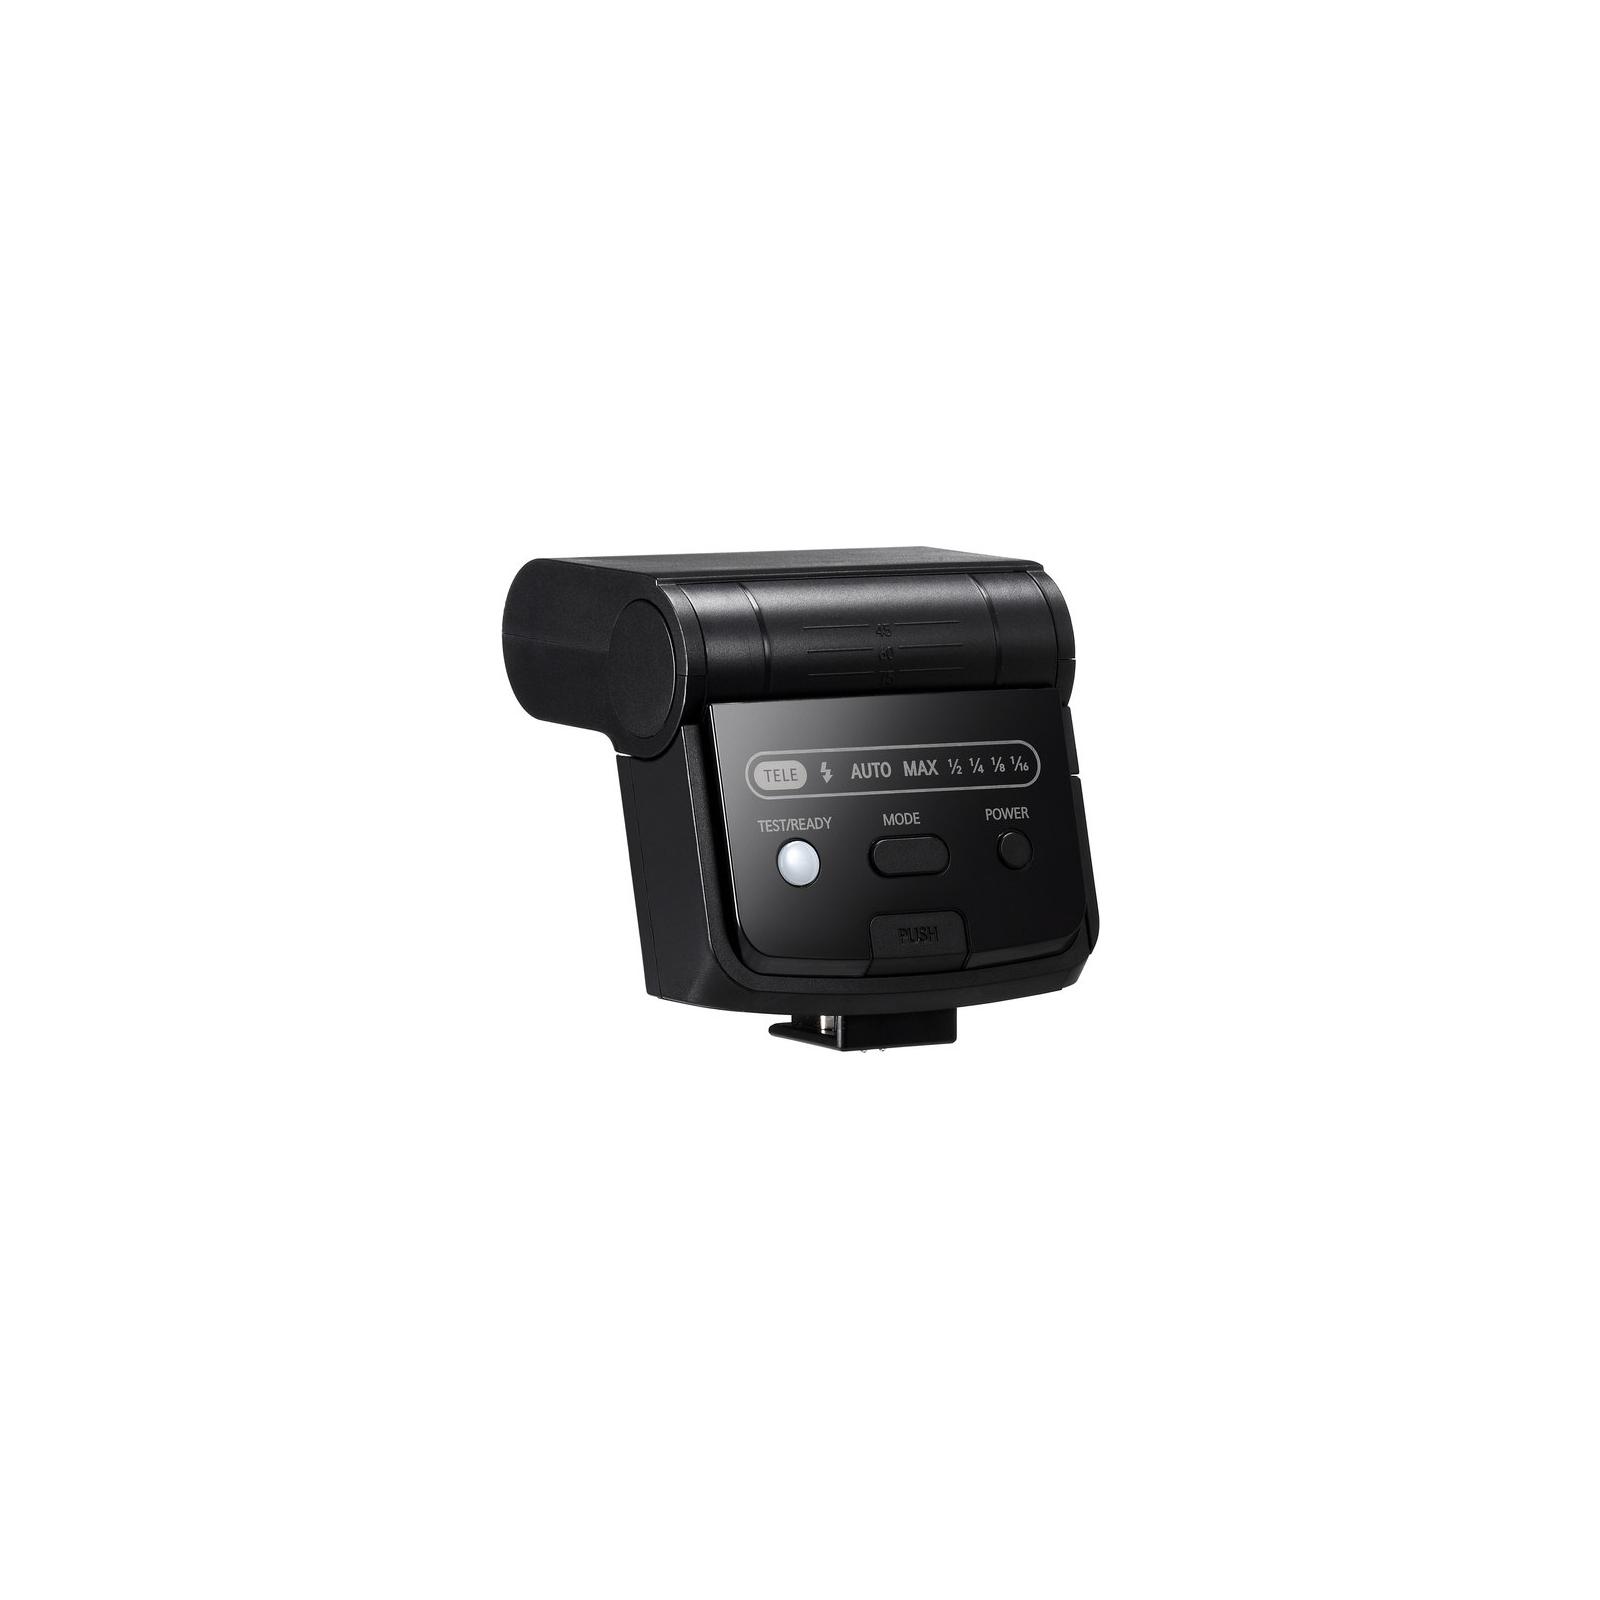 Вспышка Samsung Flash ED-SEF220A (ED-SEF220A) изображение 3